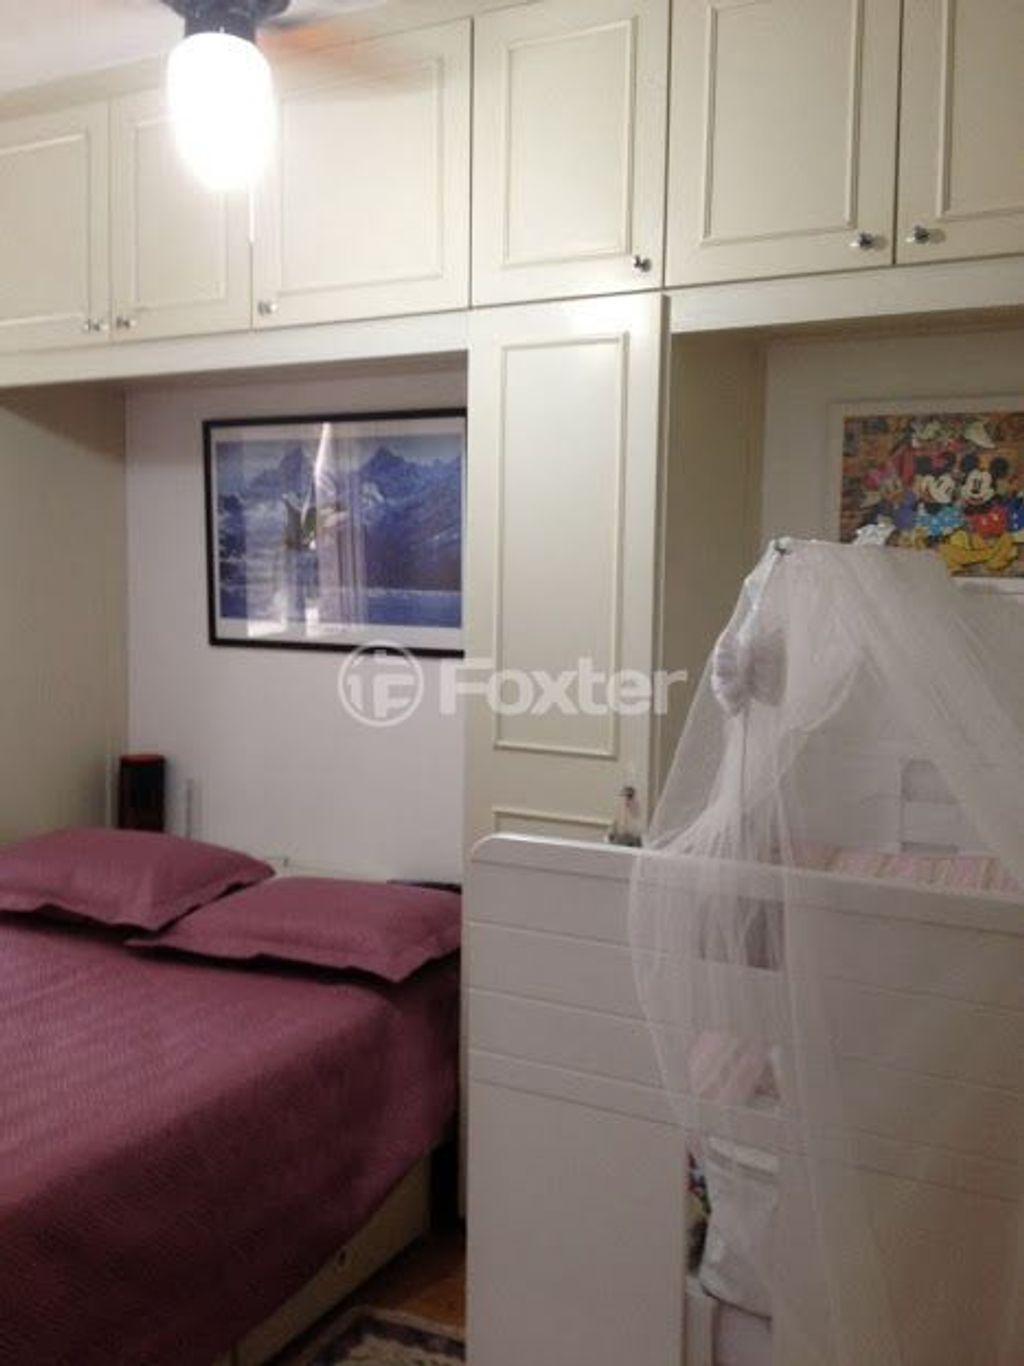 Foxter Imobiliária - Apto 2 Dorm, Tristeza - Foto 12